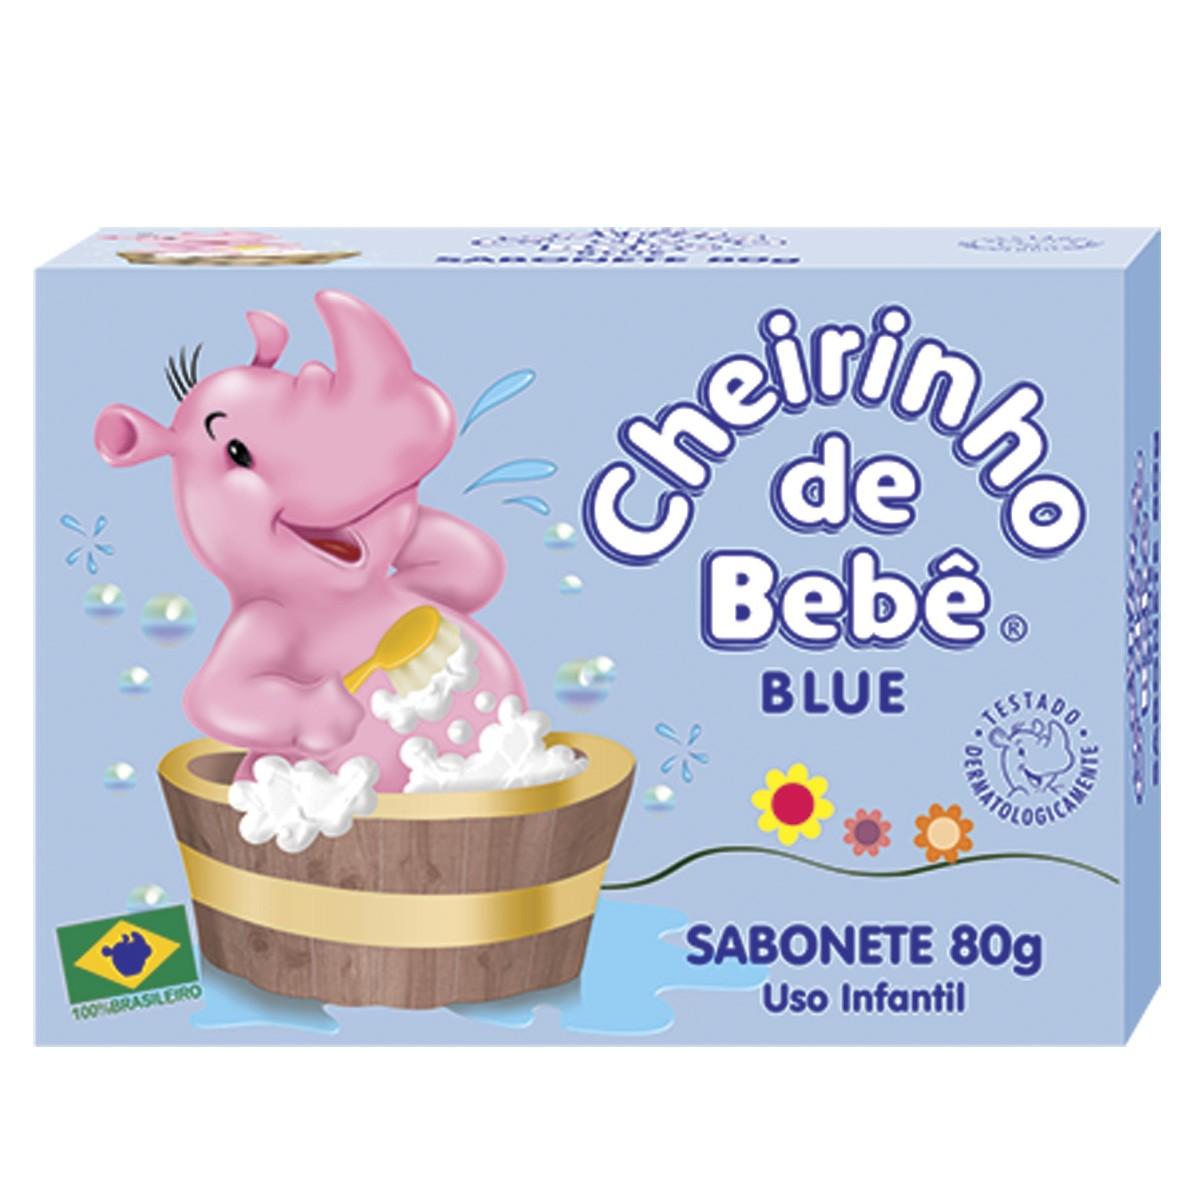 Sabonete Cheirinho de Bebê Blue 80g